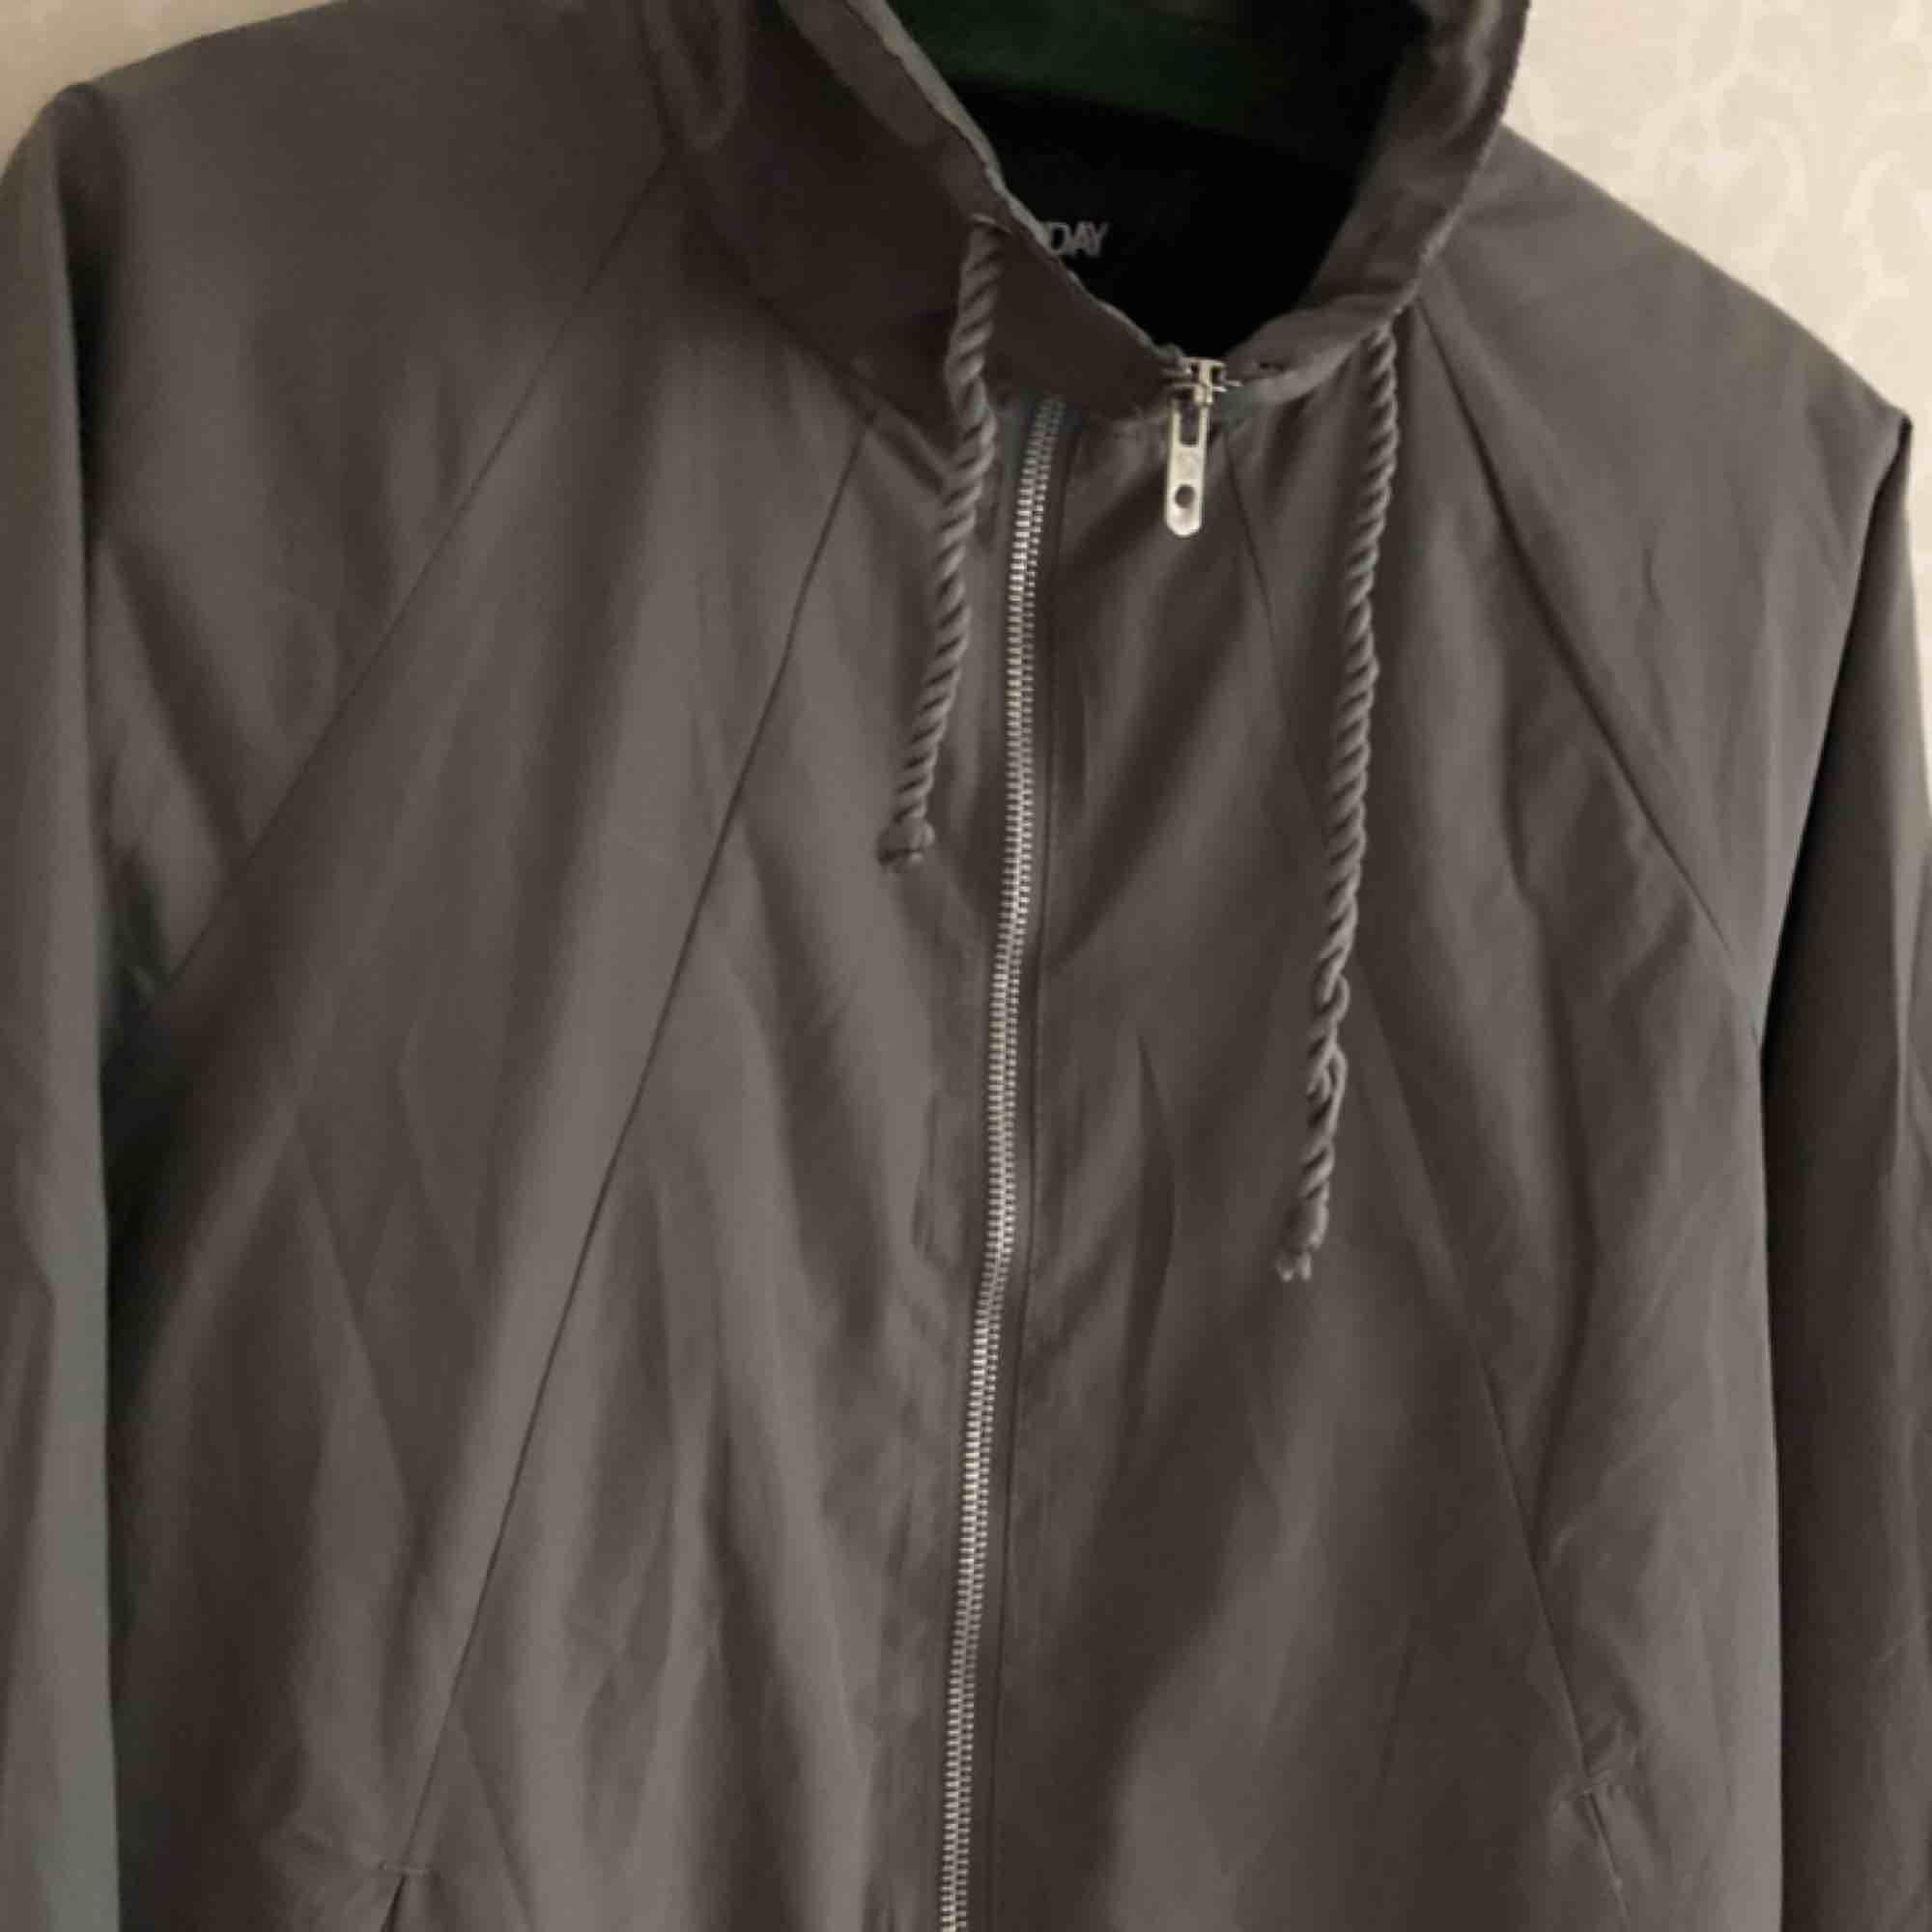 • Basic men riktigt snygg vårjacka! Stilrent i grått, passar till allt.  • Storlek okänd, passar S  • 100% polyester  • Använd & omtyckt, ena snöret har tvinnat upp sig något - annars riktigt fin!  • + 55kr i frakt eller avhämtning. Jackor.